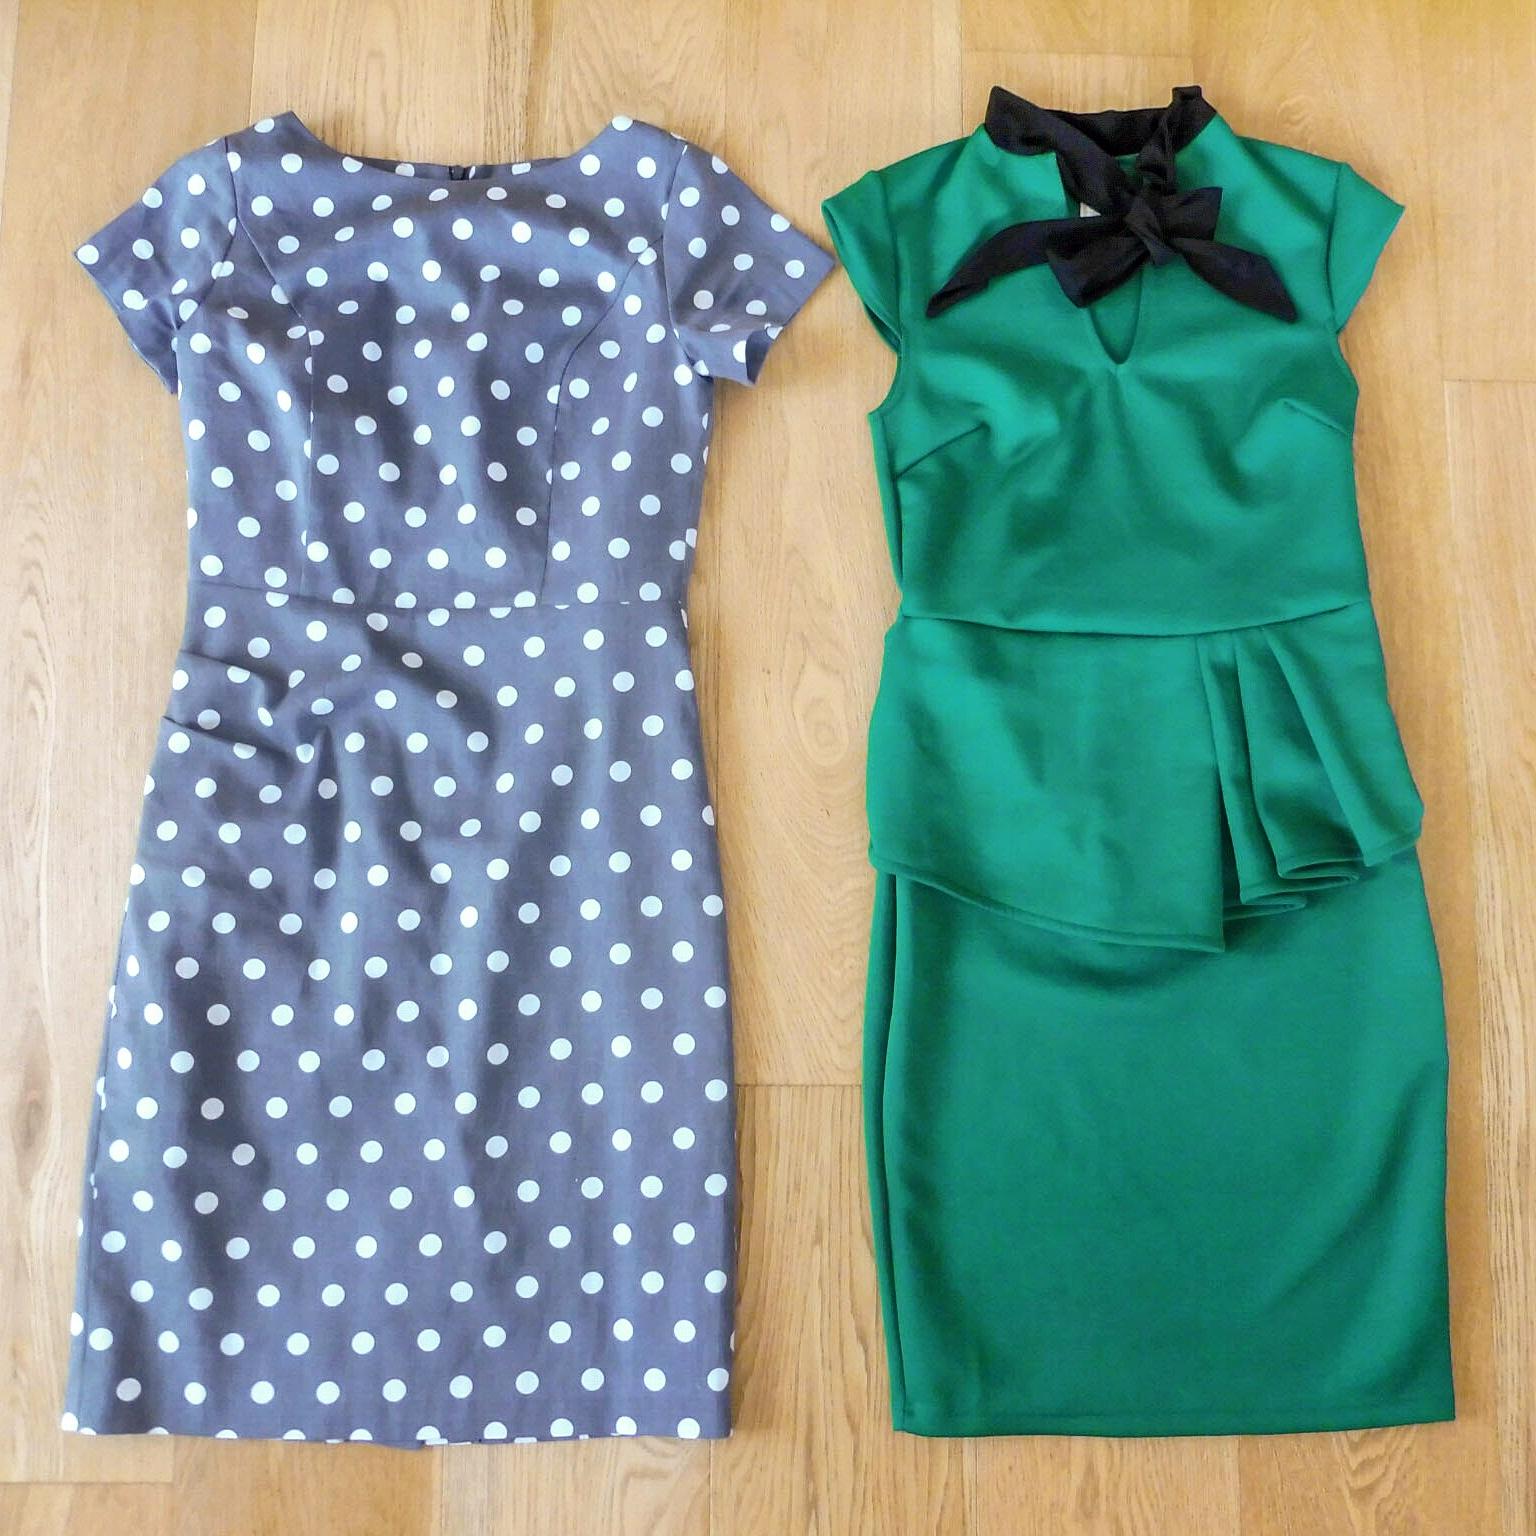 7fafcd6a57 A pöttyös ruha a képen sima szürkének tűnt, élőben egy kicsit kékes  árnyalata van, ami csak még szebbé teszi. A legkisebb méretet, a 34-eset  rendeltem, ...